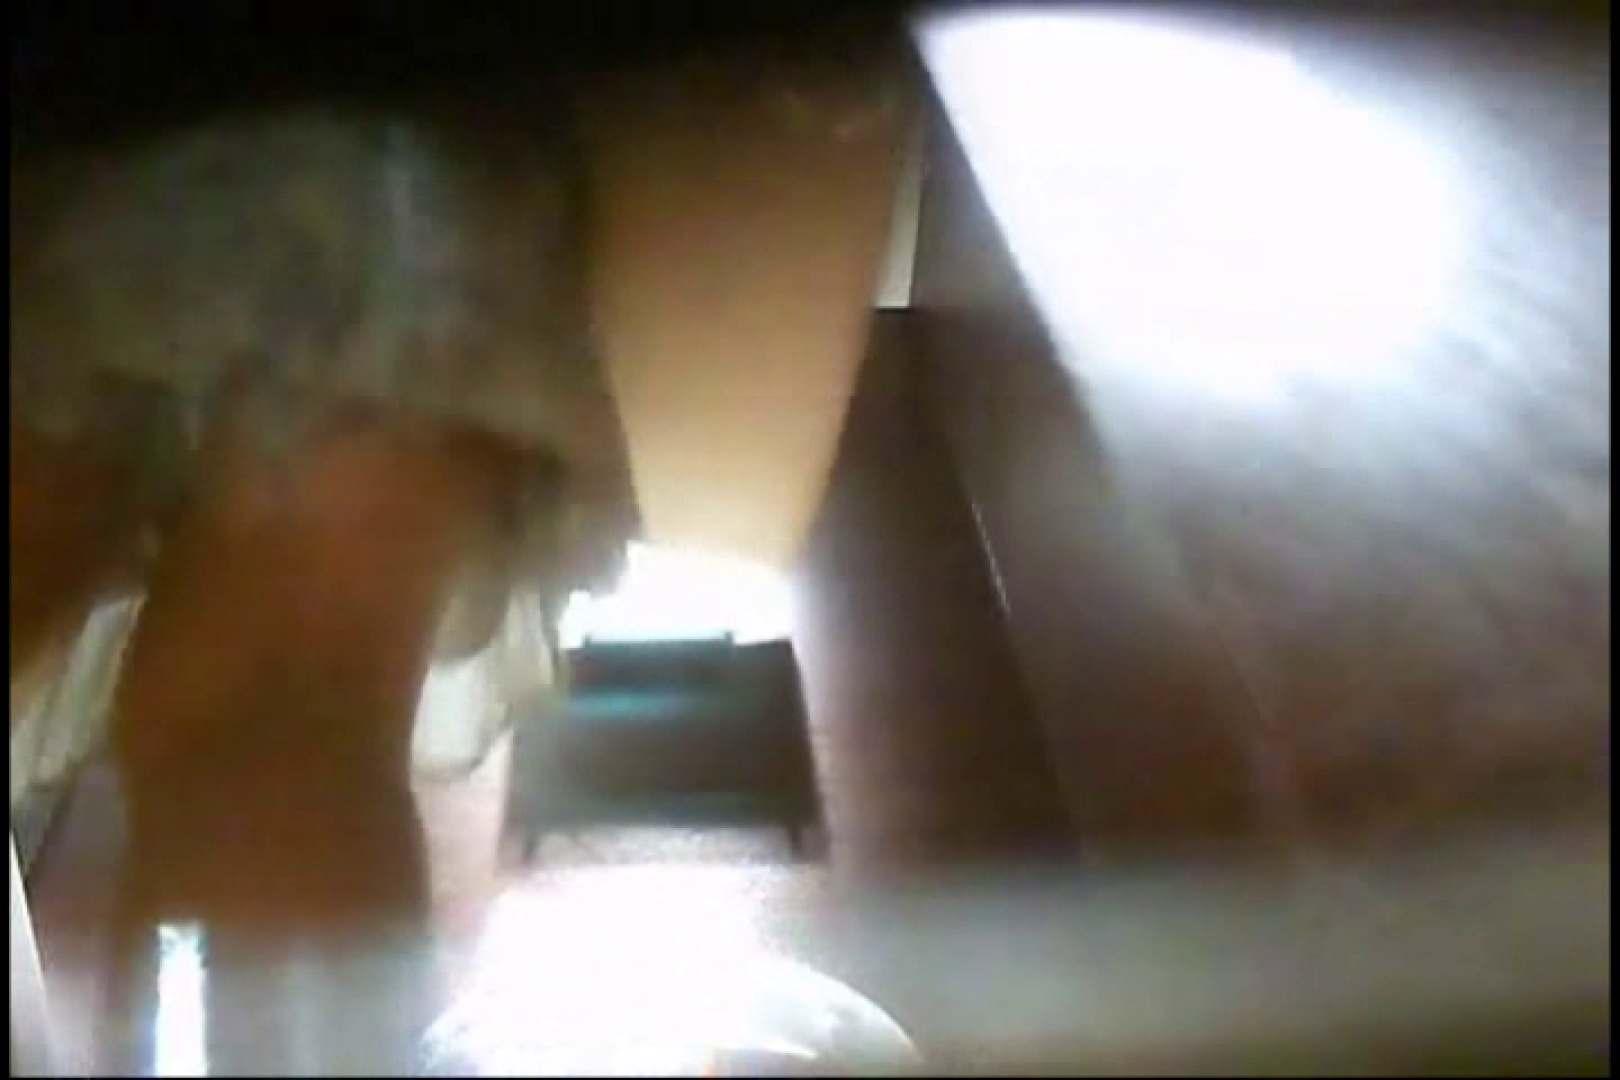 亀さんかわや VIPバージョン! vol.07 オマンコもろ 盗撮画像 112PIX 2